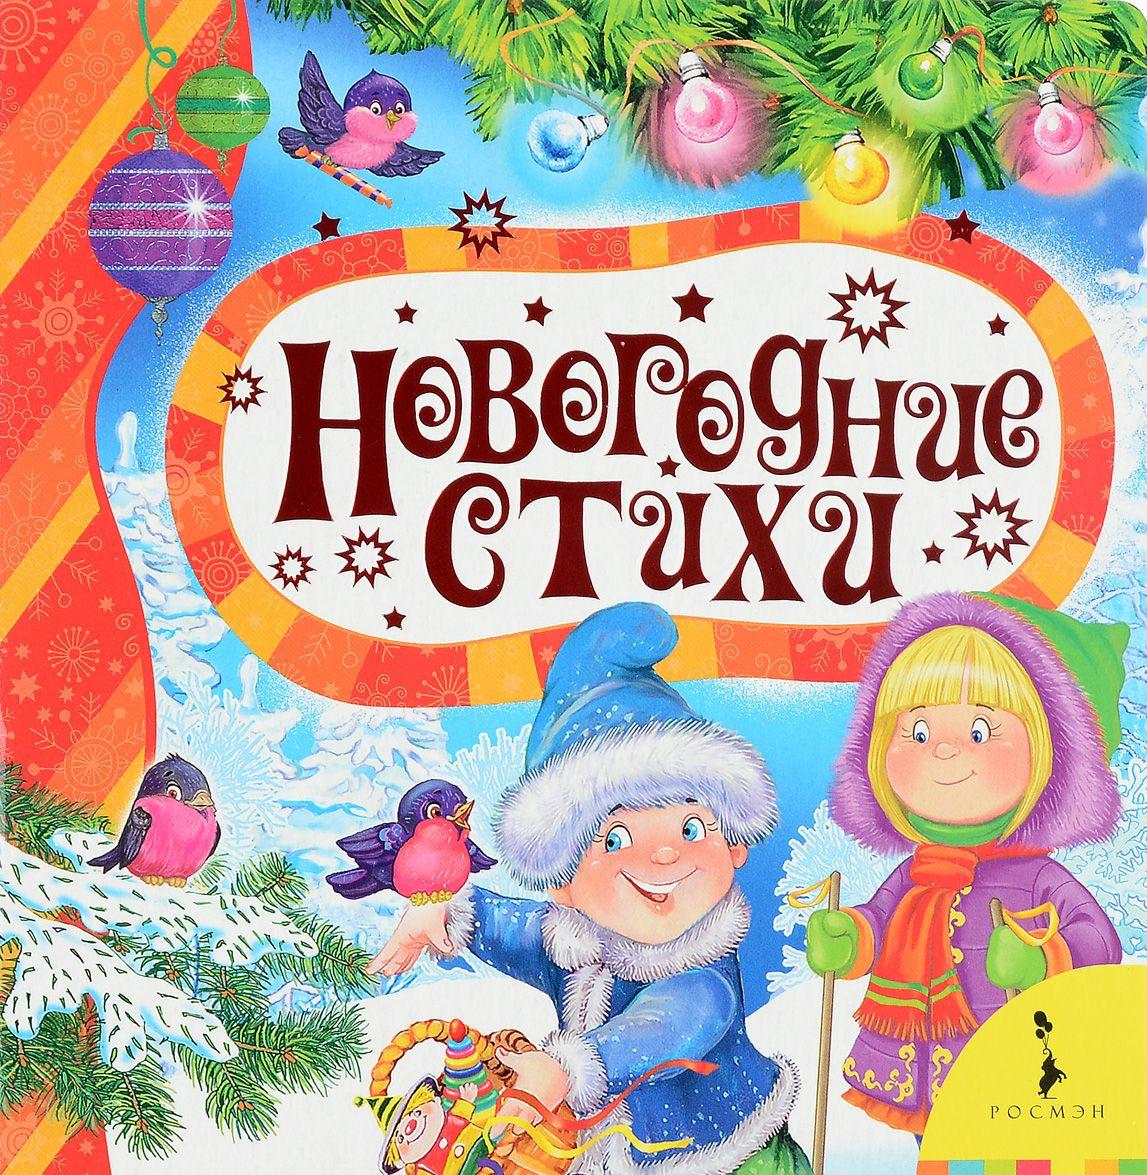 Купить Новогодние стихи, Наталья Скороденко, 978-5-353-07981-1